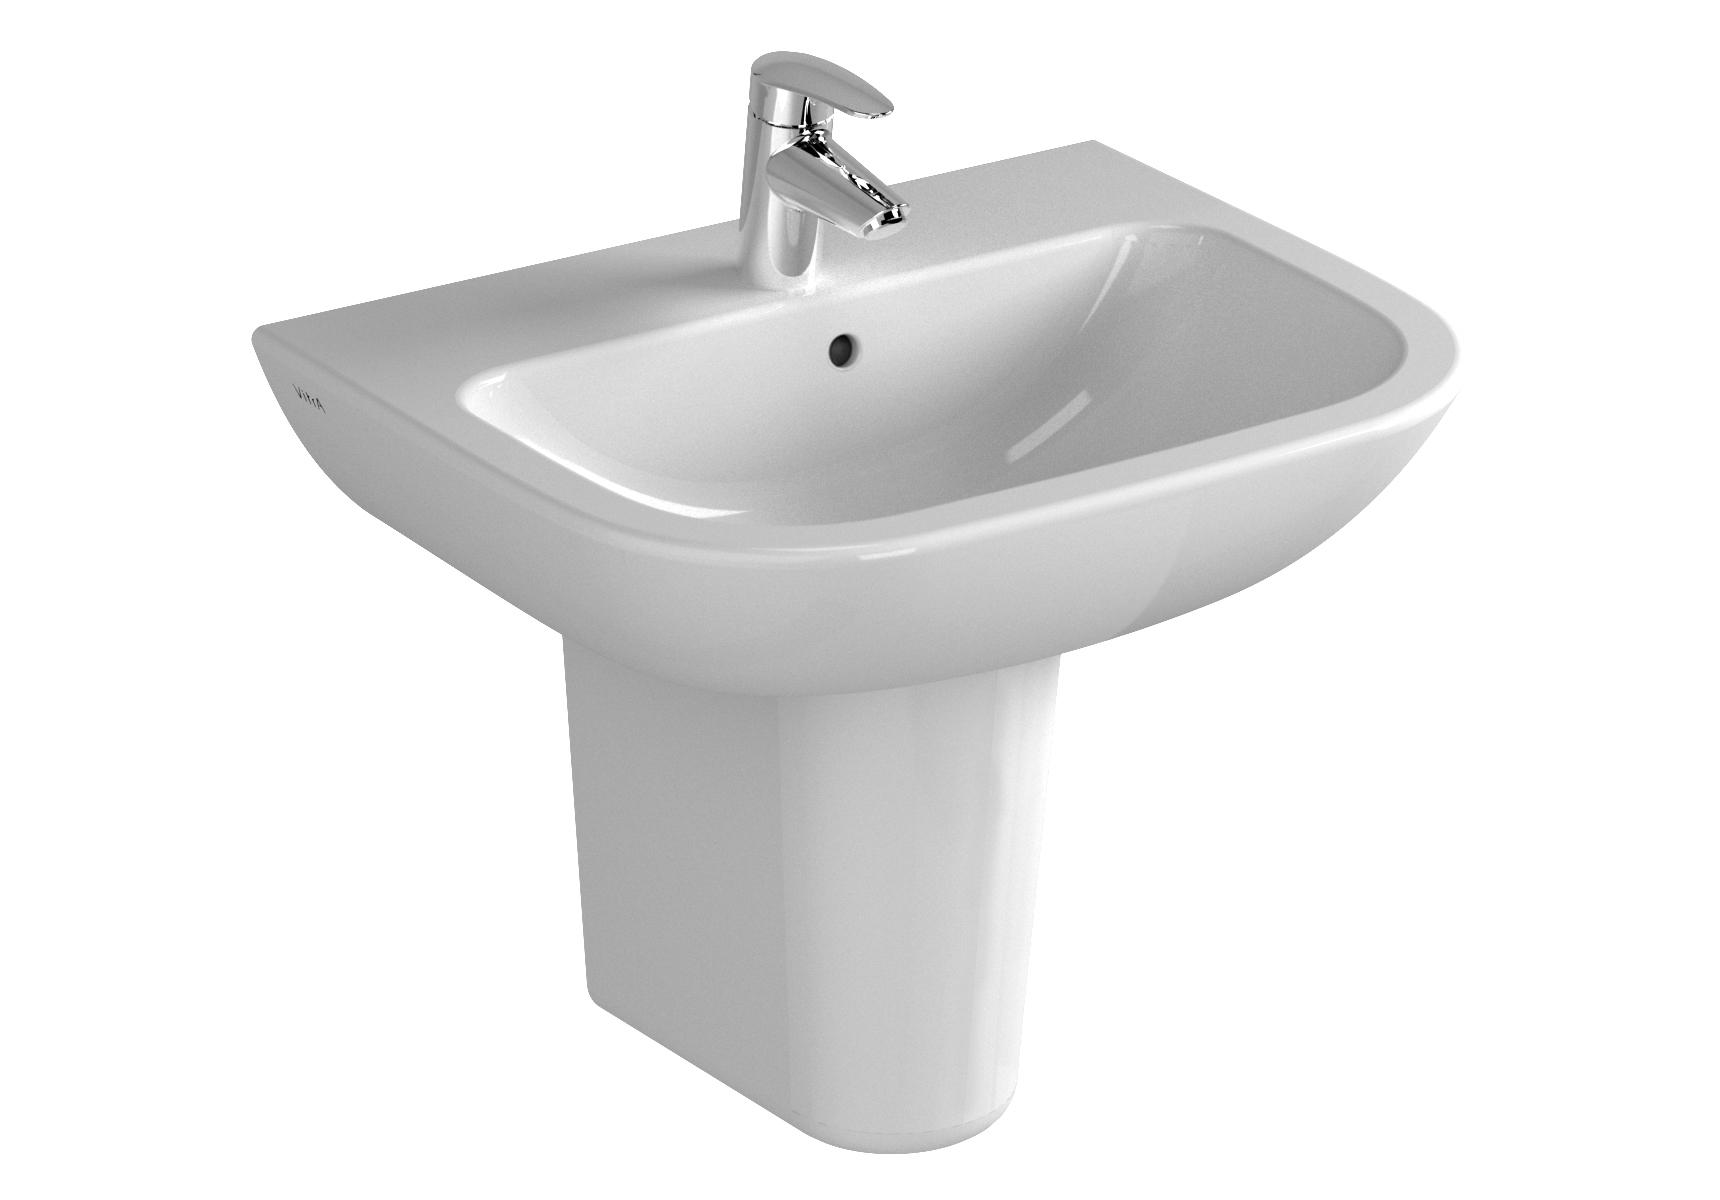 S20 Waschtisch, 60 cm, ohne Hahnloch, mit Überlaufloch, Weiß